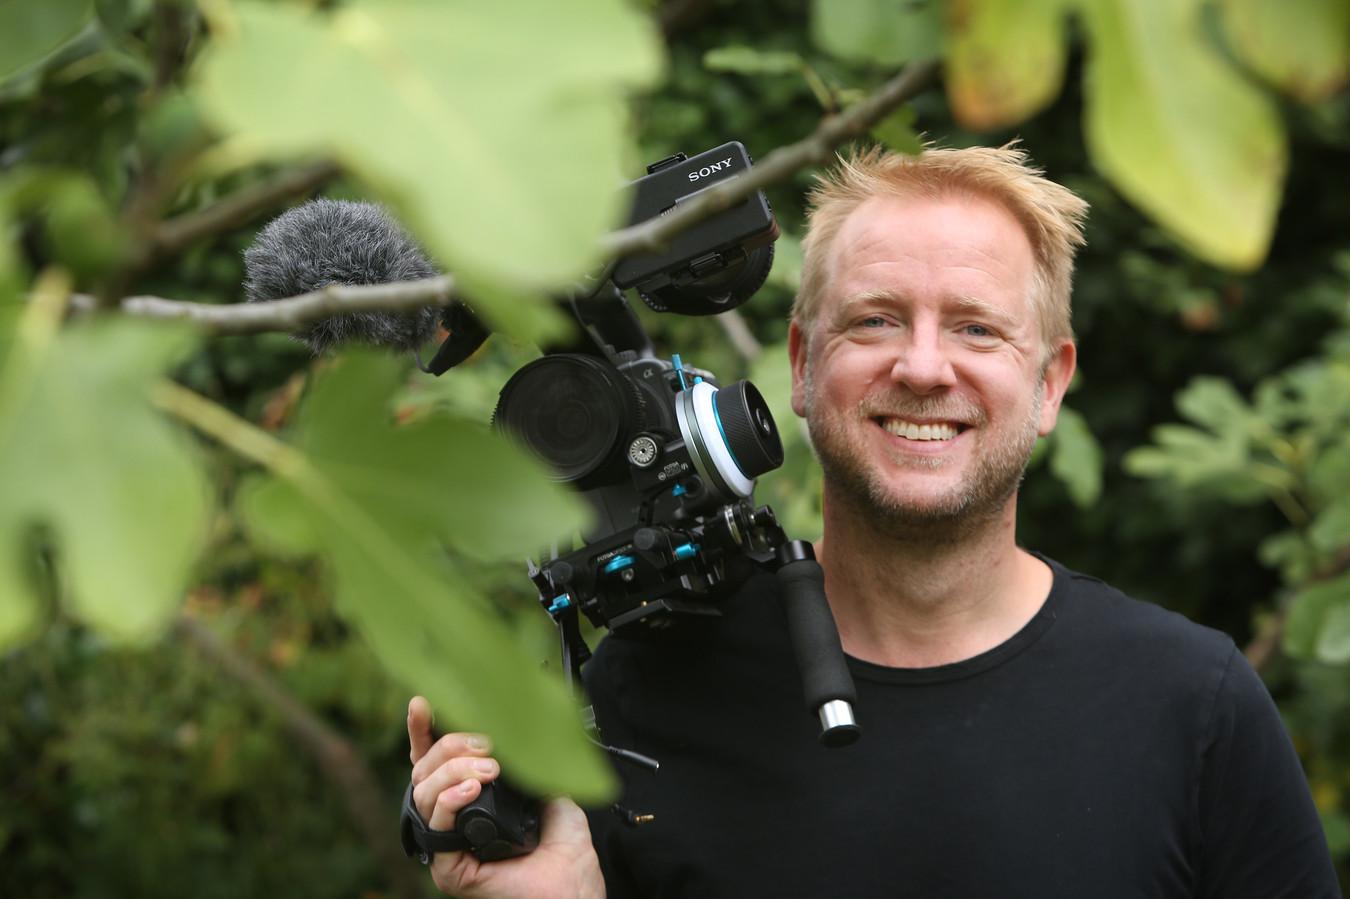 Regisseur Ton van Zantvoort